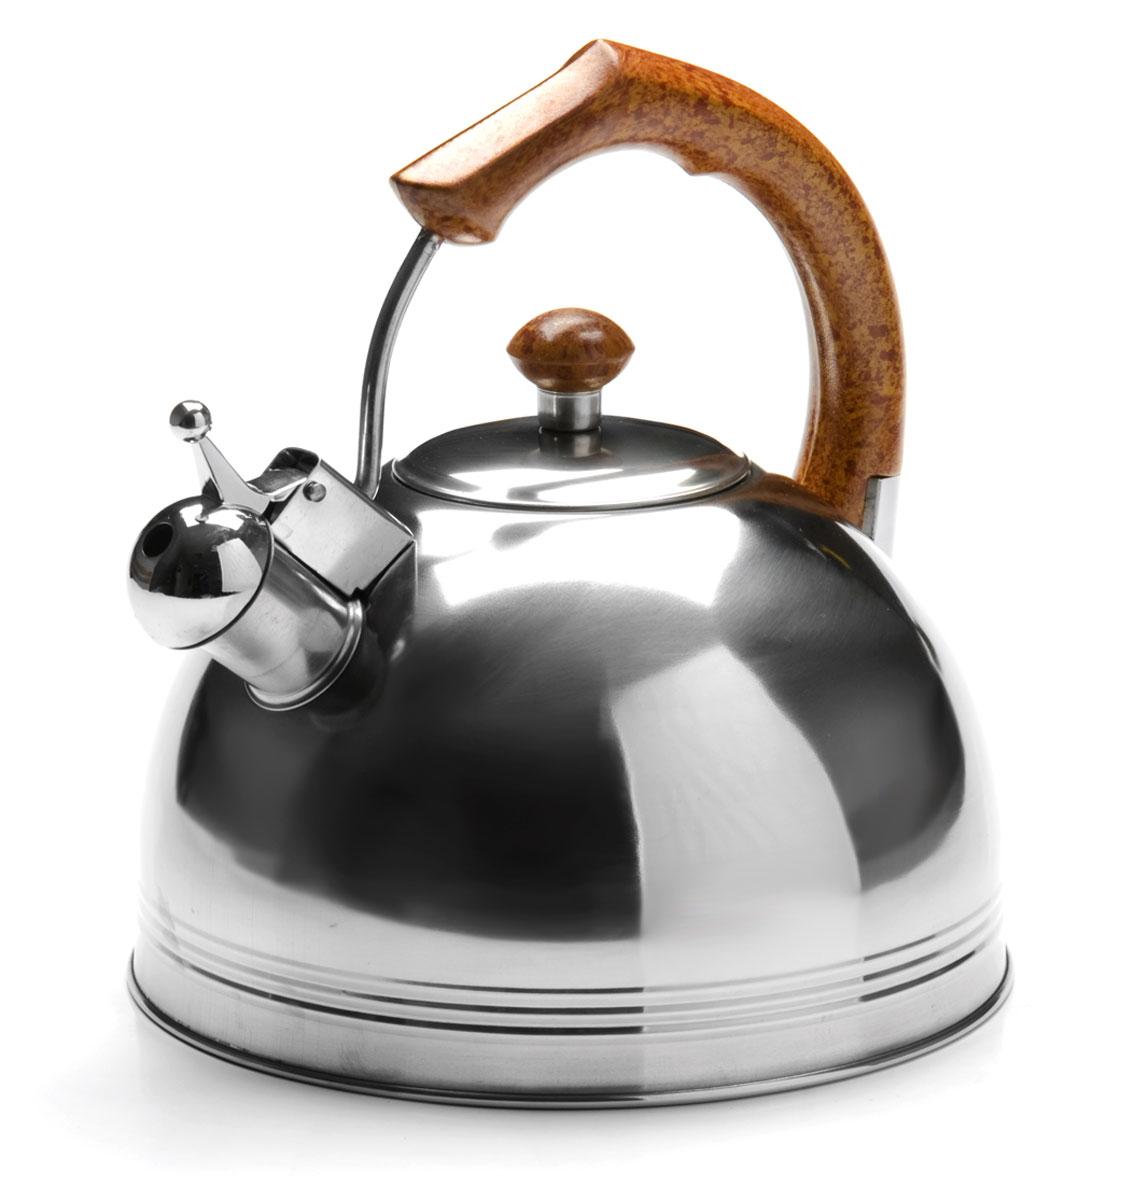 Чайник Mayer & Boch, со свистком, 4,8 л. 2616926169Чайник изготовлен из высококачественной нержавеющей стали. Изделия из нержавеющей стали не окисляются и не впитывают запахи,благодаря чему вы всегда получите натуральный, насыщенный вкус и аромат напитков.Капсулированное дно с прослойкой из алюминия обеспечивает наилучшее распределение тепла.Эргономичная фиксированная ручка выполнена из нержавеющей стали и бакелита и стилизована под дерево.Носик чайника оснащен насадкой-свистком, который позволяет контролировать процесс кипячения или подогрева воды.Поверхность чайника гладкая, что облегчает уход за ним.Подходит для использования на всех типах плит, кроме индукционных. Подходит для мытья в посудомоечной машине.Объем чайника: 4,8 л.